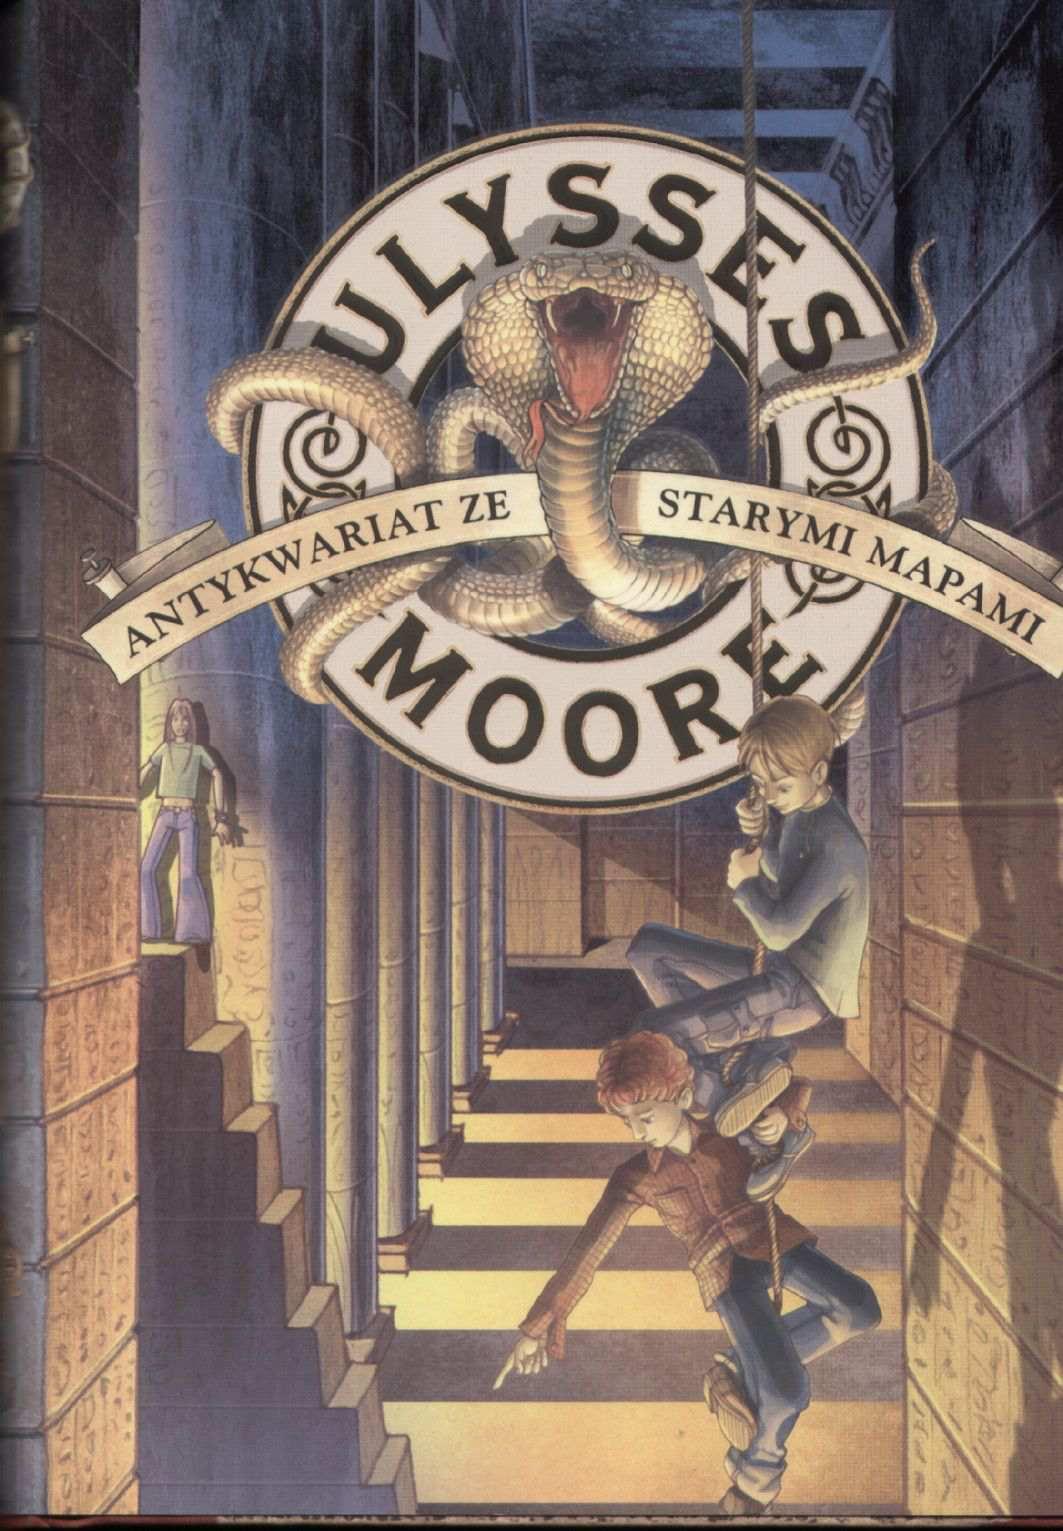 Ulysses Moore. Tom 2. Antykwariat ze starymi mapami - Ebook (Książka EPUB) do pobrania w formacie EPUB